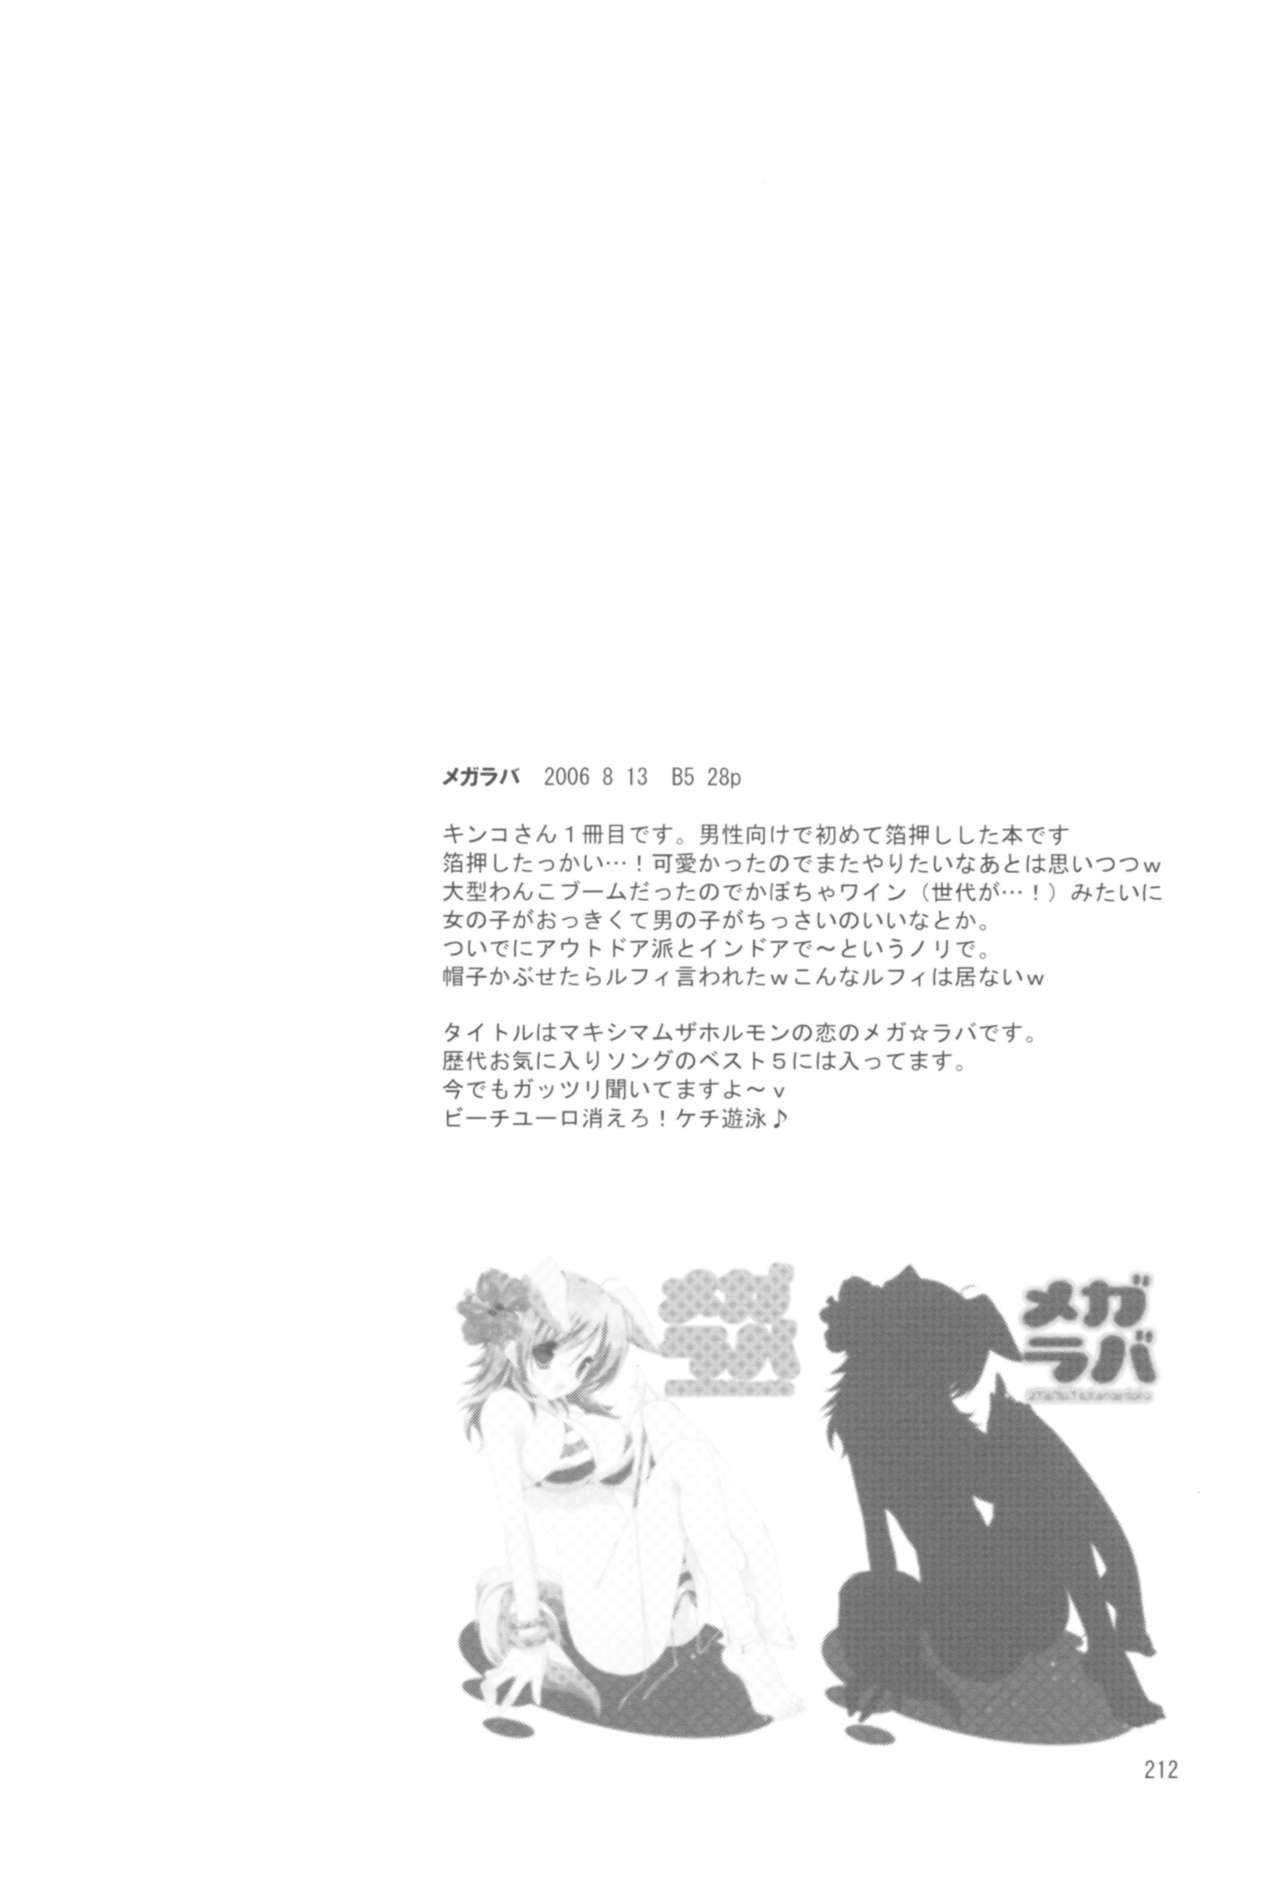 Naedoko Ikusei Kansatsu Kiroku 211